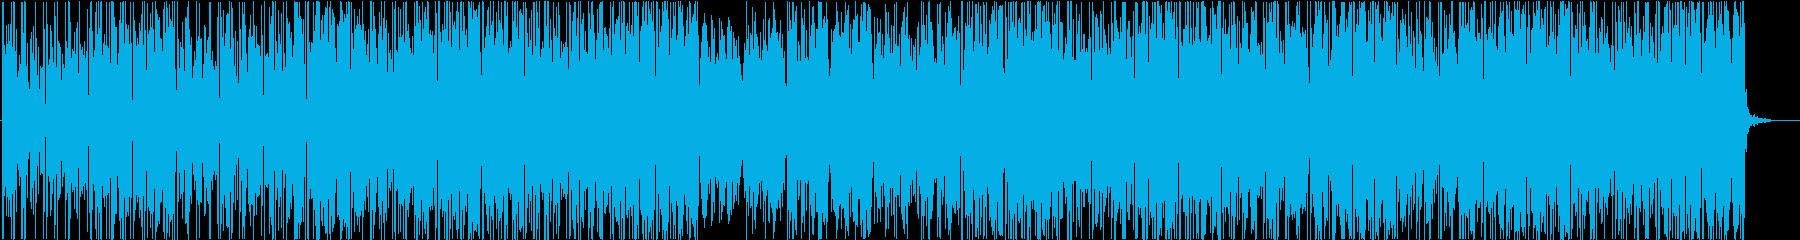 怪しげなエレピ&ブレイクビーツの再生済みの波形